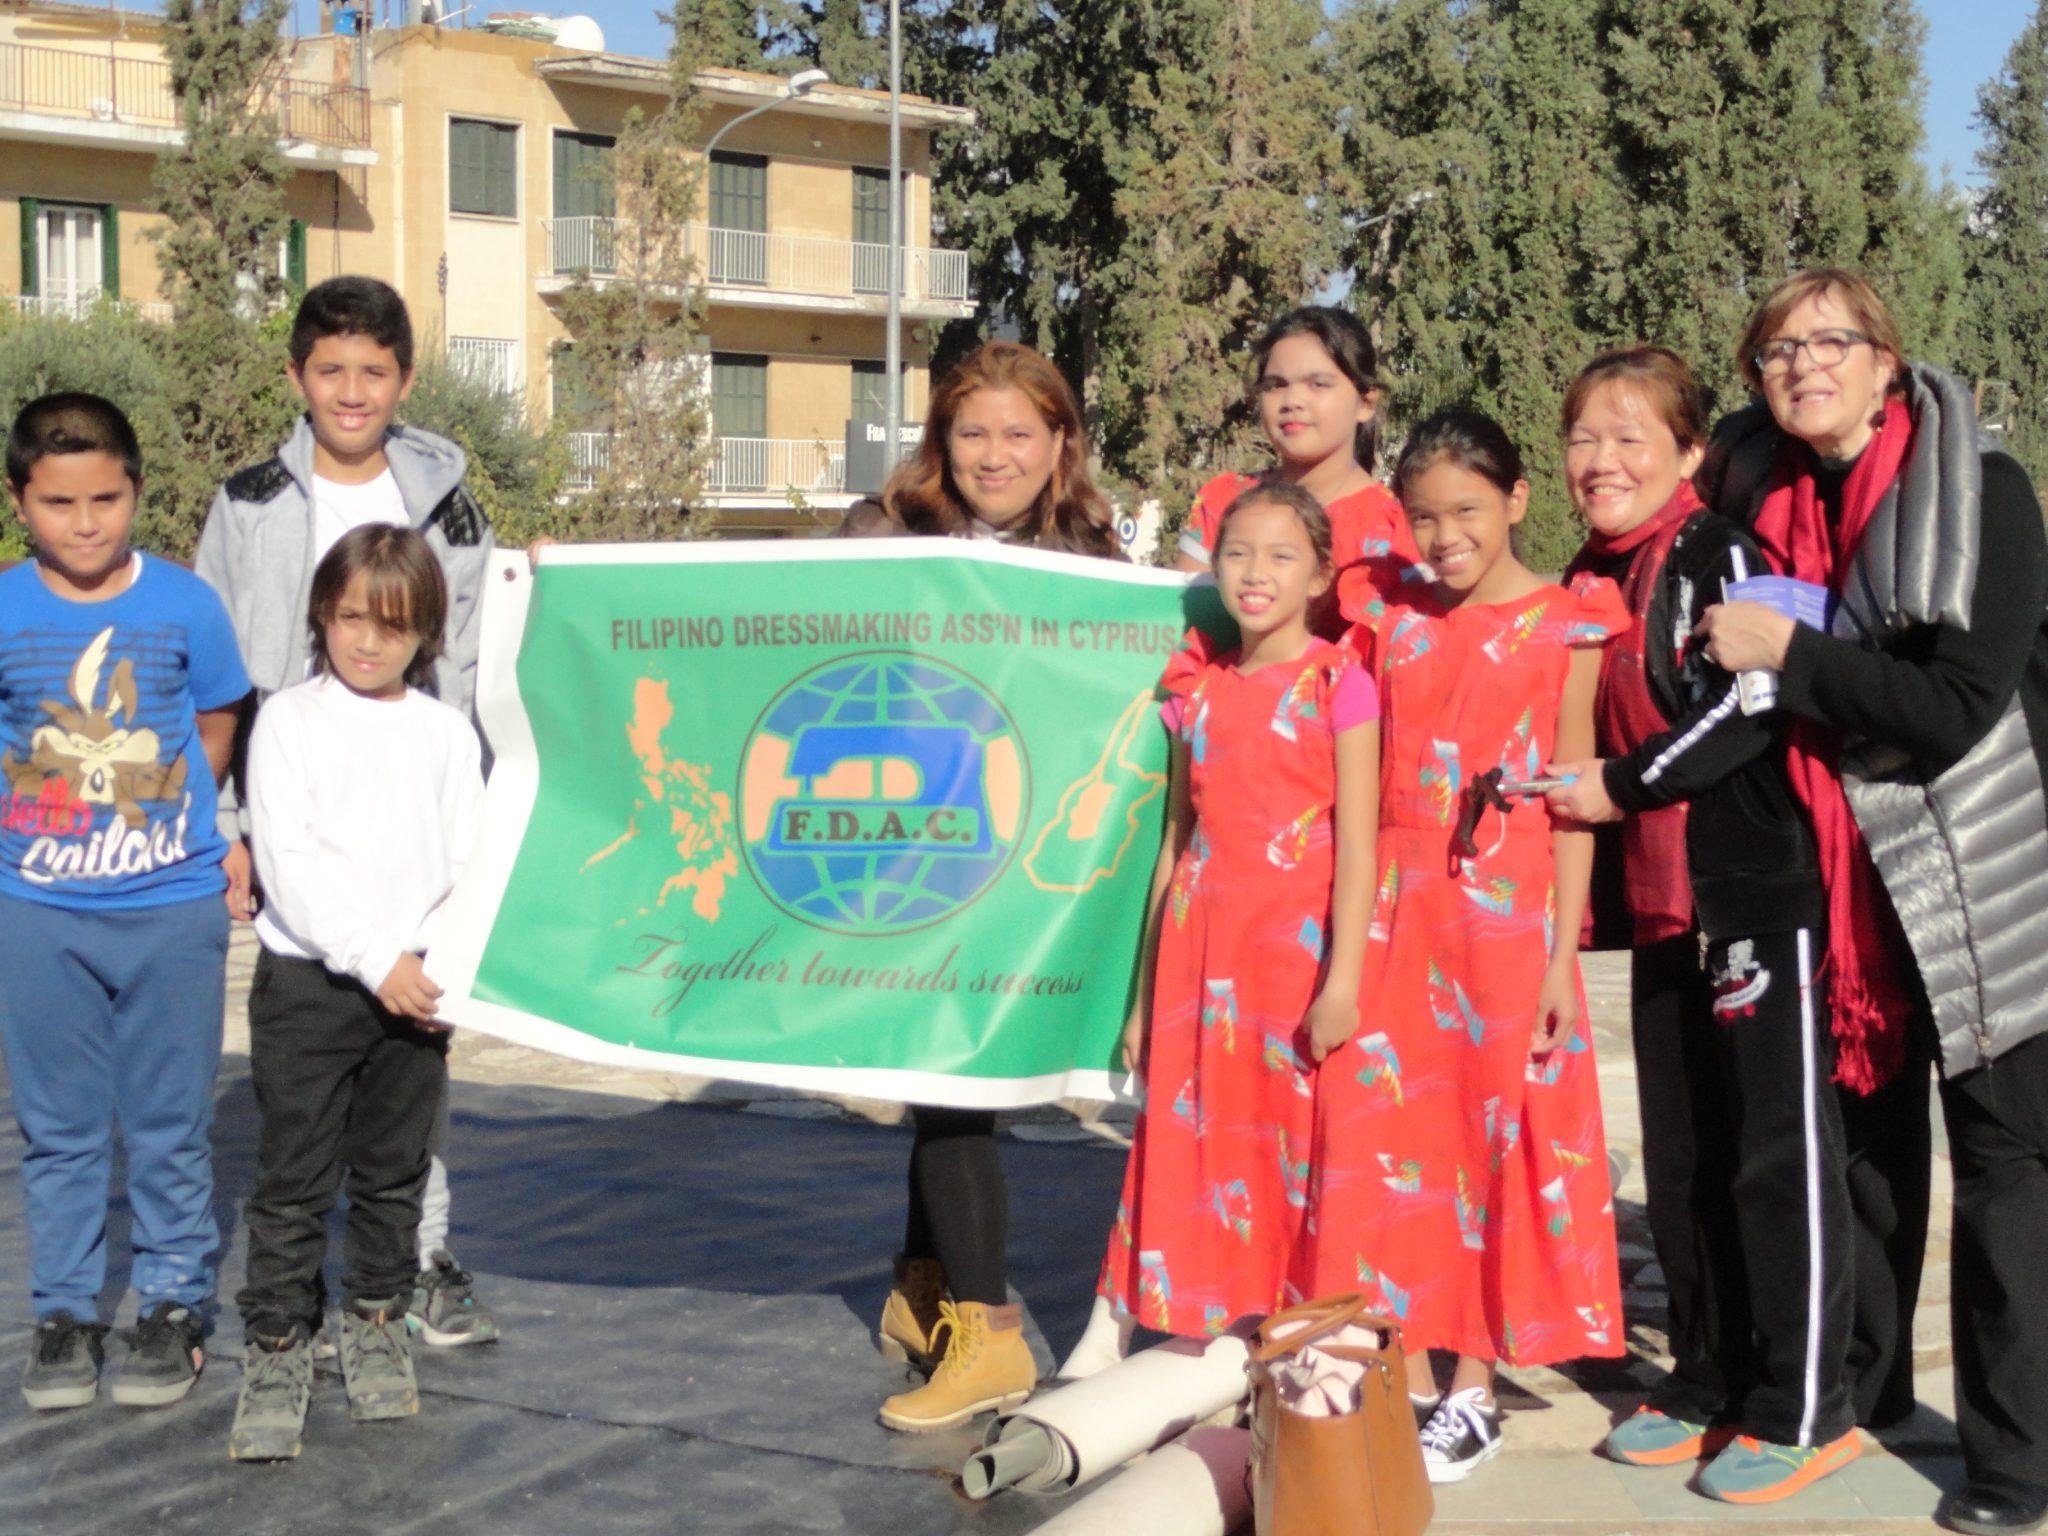 Philippino dress making assoc group-DSC02627